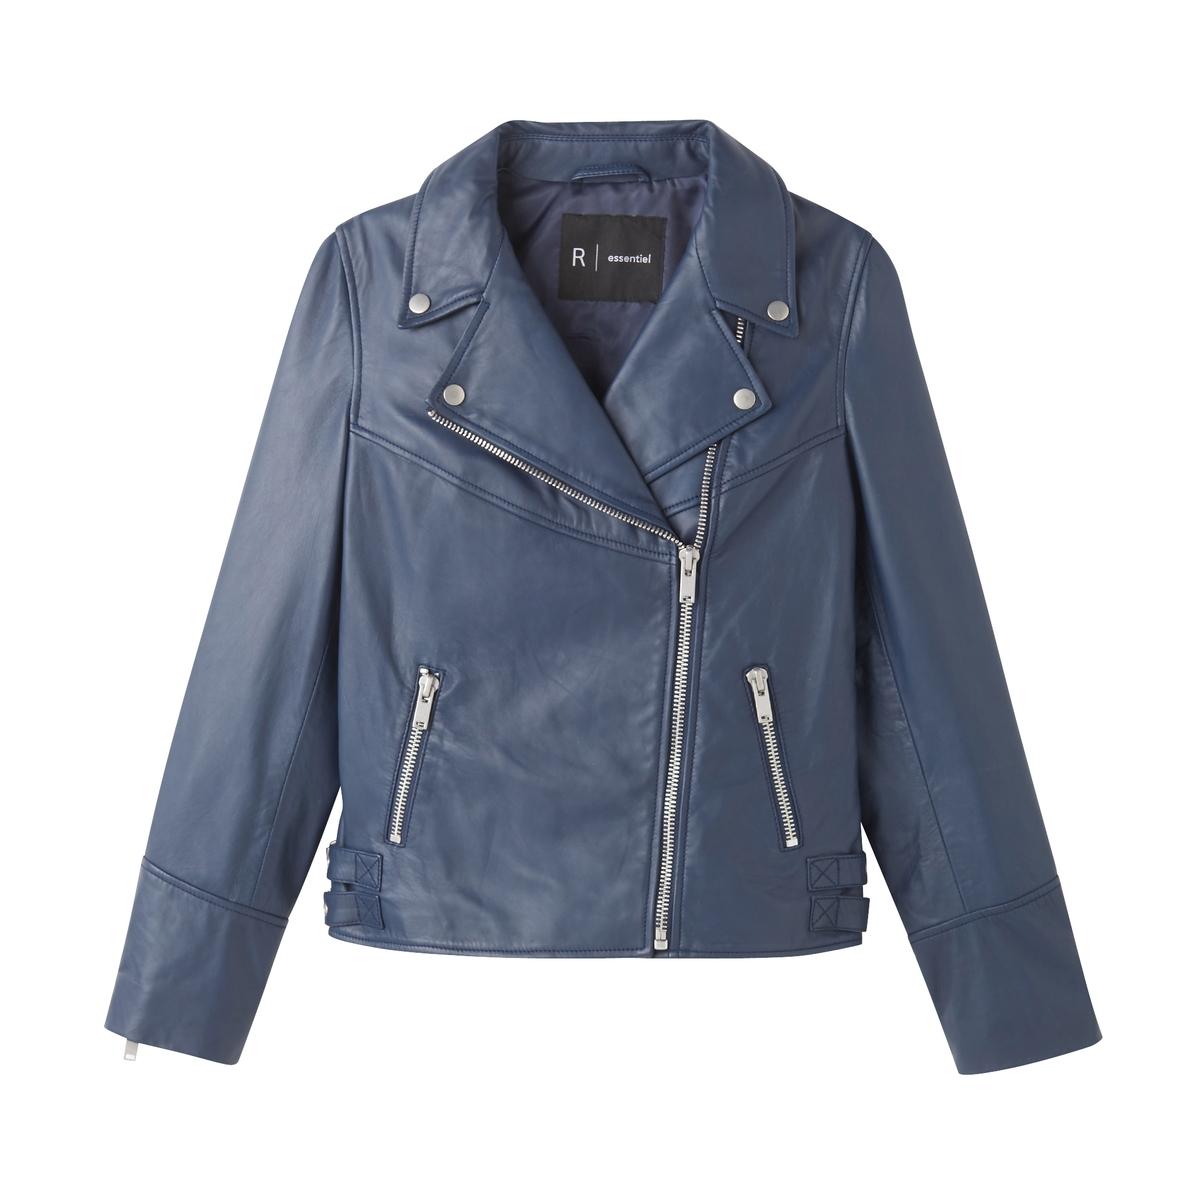 Блузон кожаный в байкерском стиле блузон кожаный